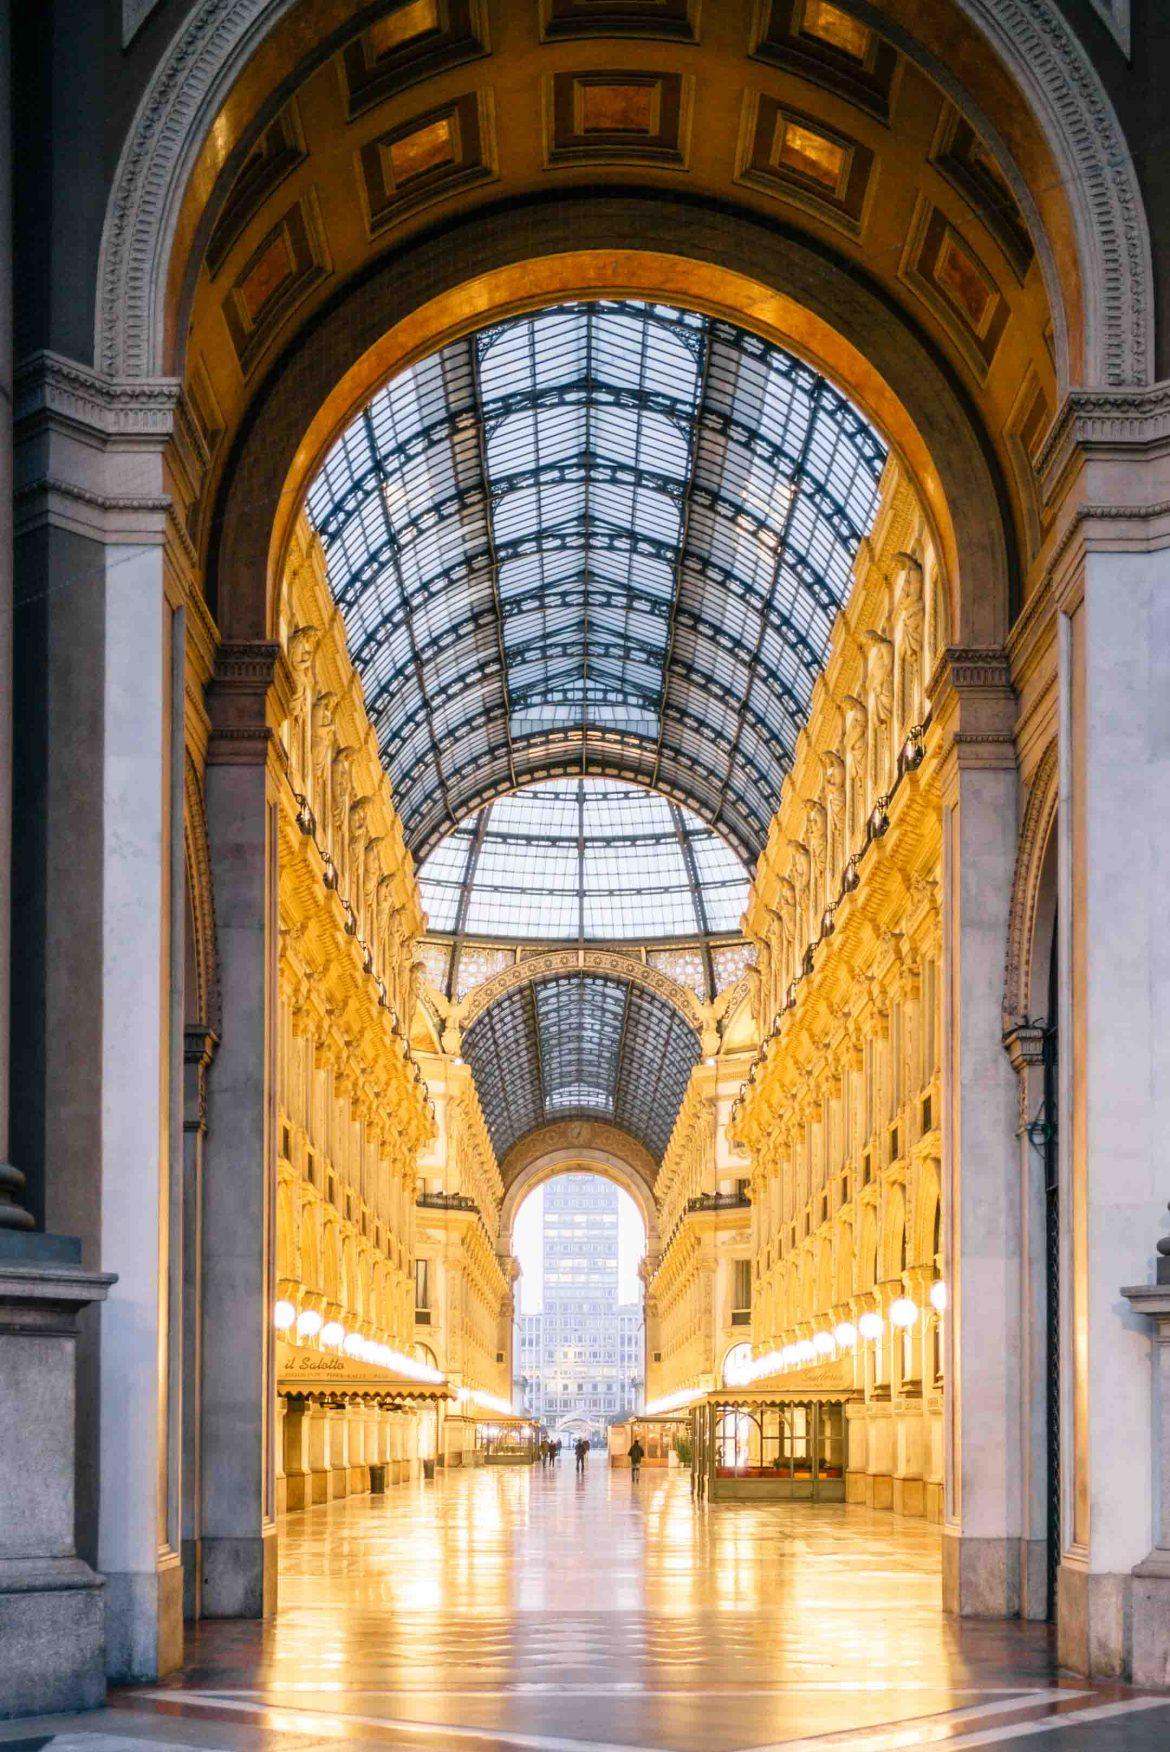 Visit the galleria vittorio emanuele in Milan Italy, The Taste Edit